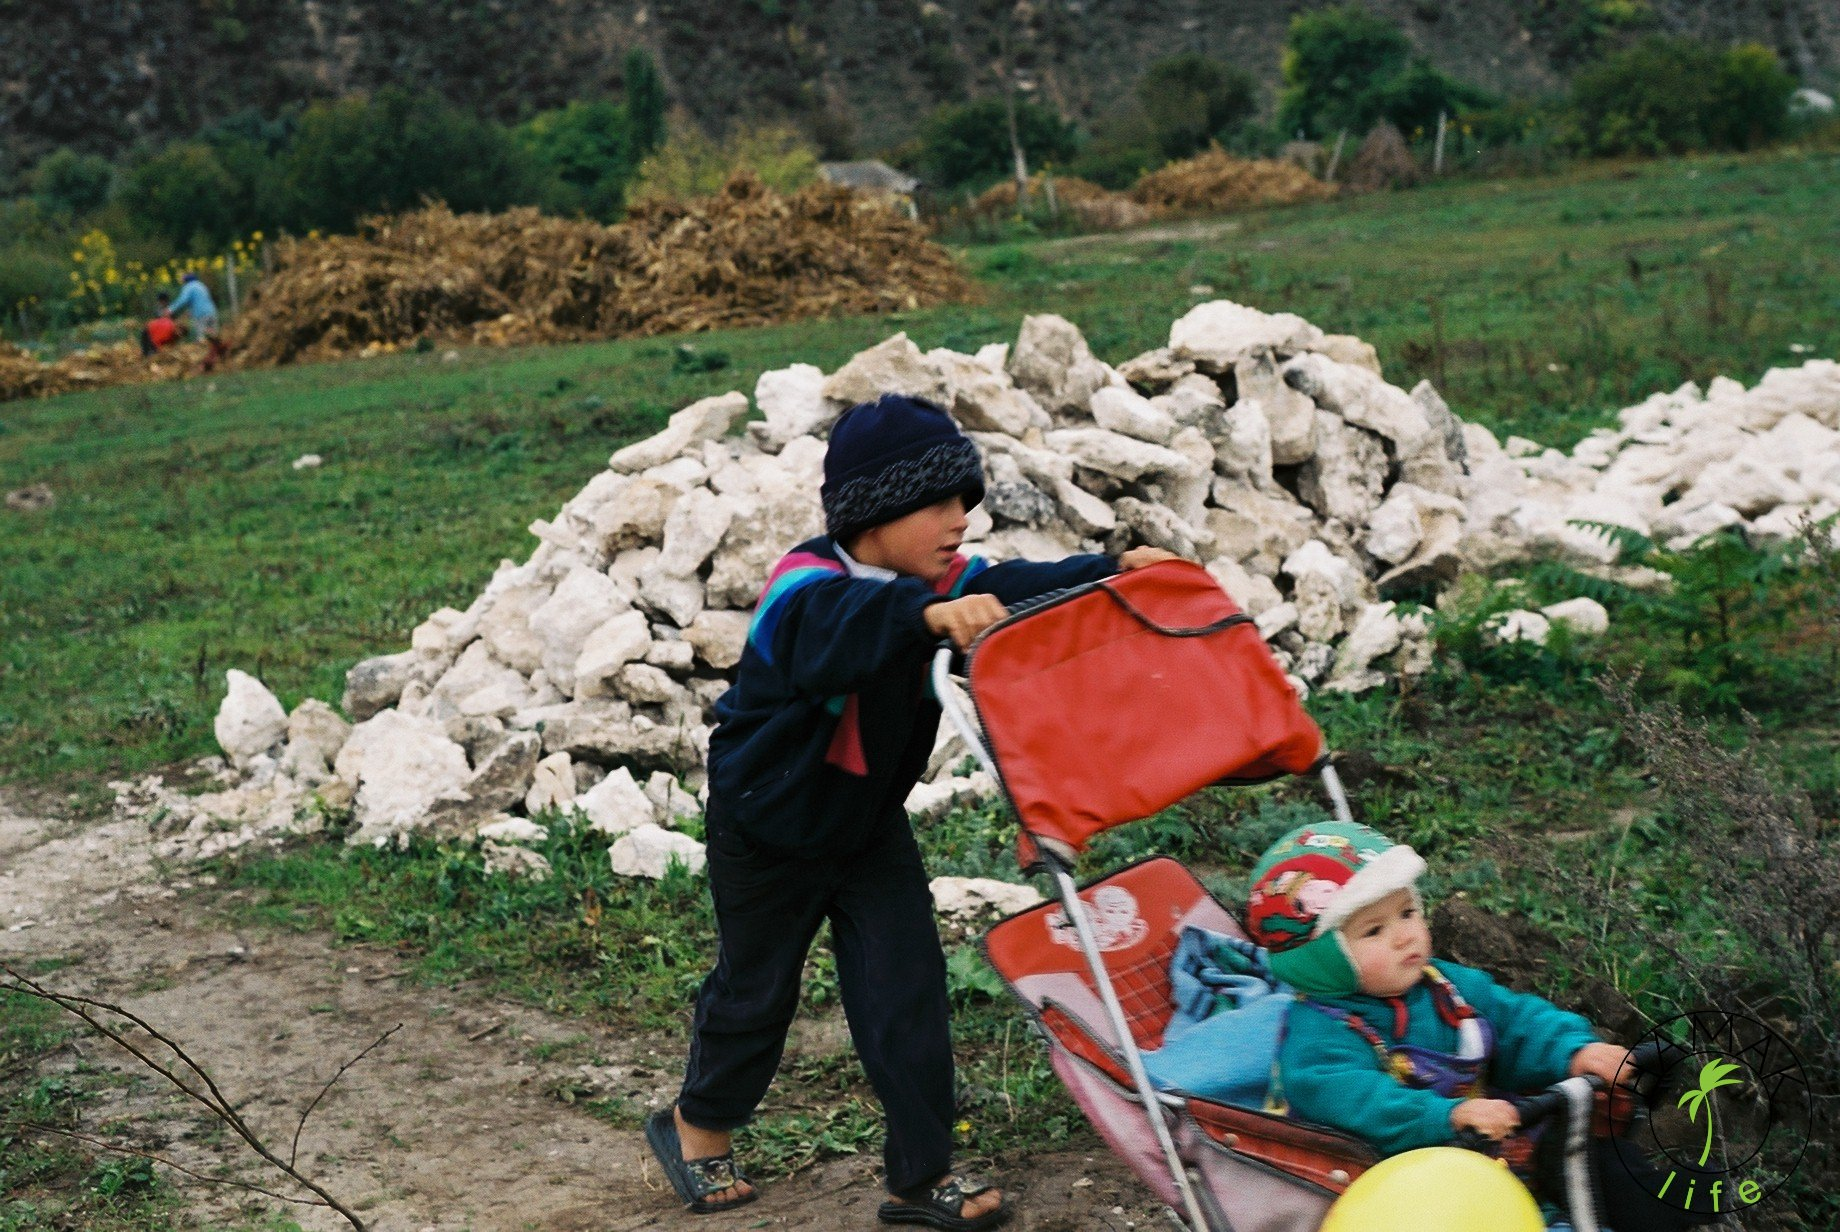 Wioska w Mołdawii. Dzieci.